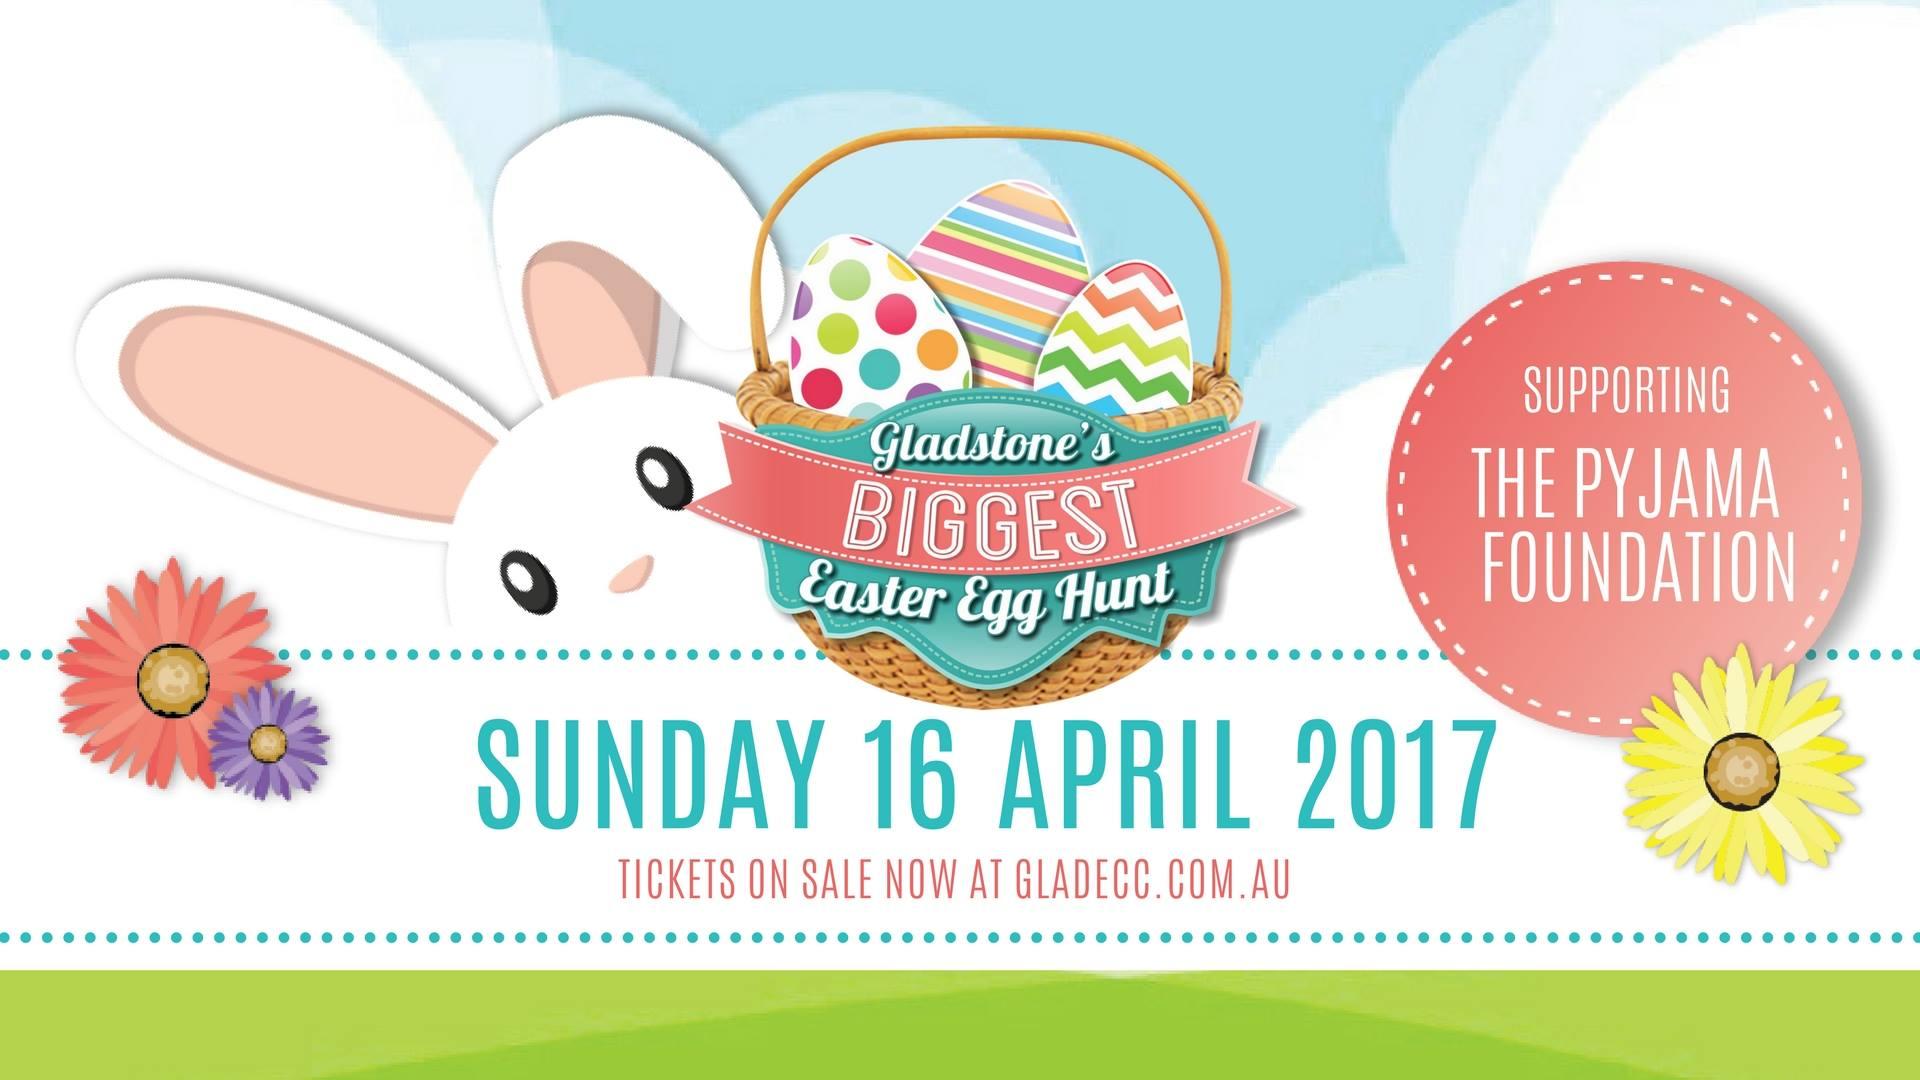 Gladstone's Biggest Easter Egg Hunt